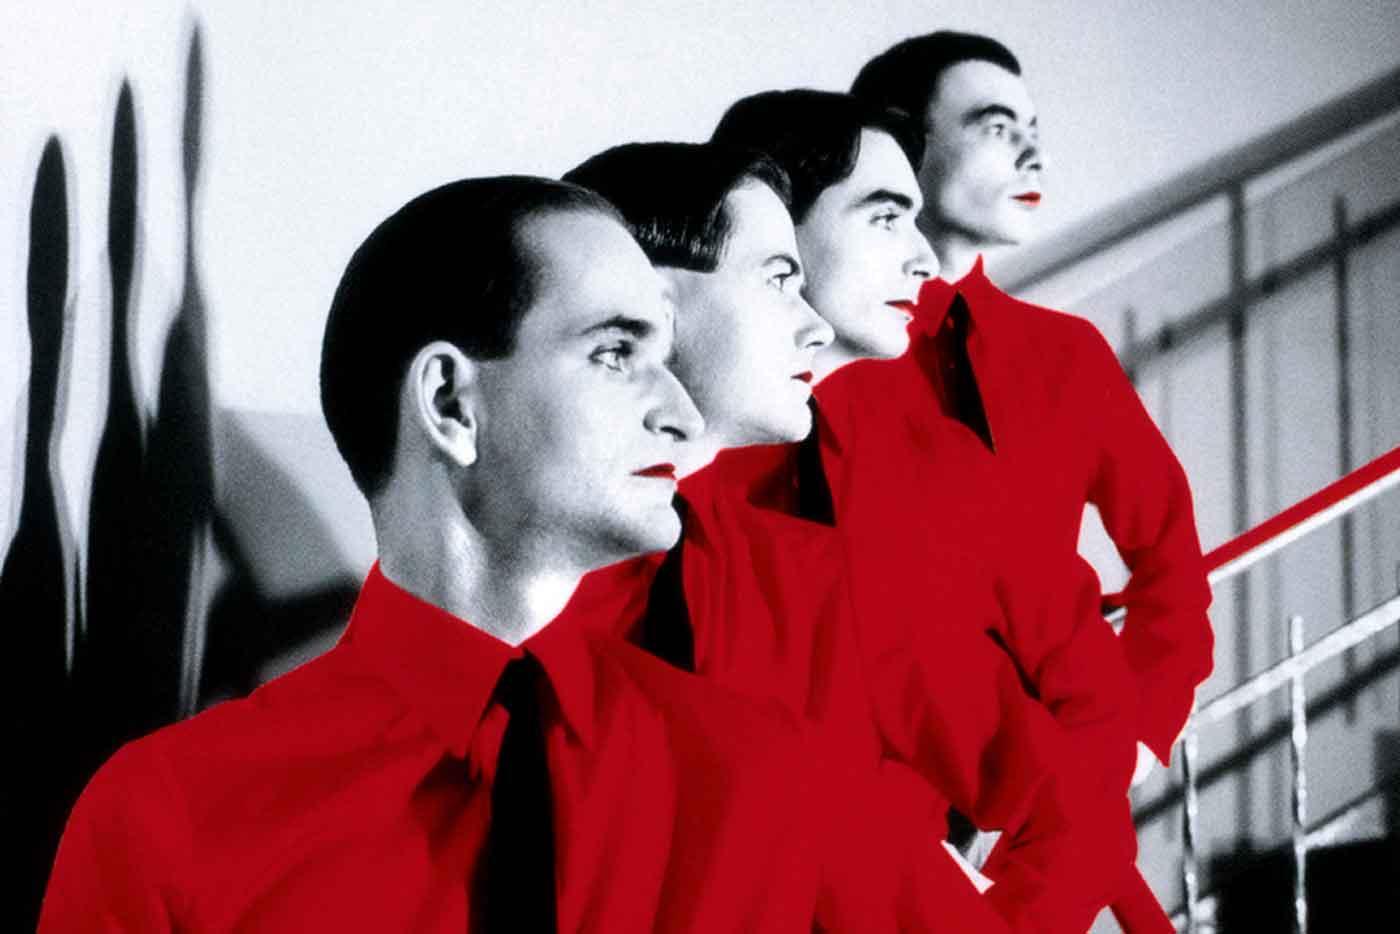 Muere Florian Schneider, fundador de Kraftwerk, a los setenta y tres años